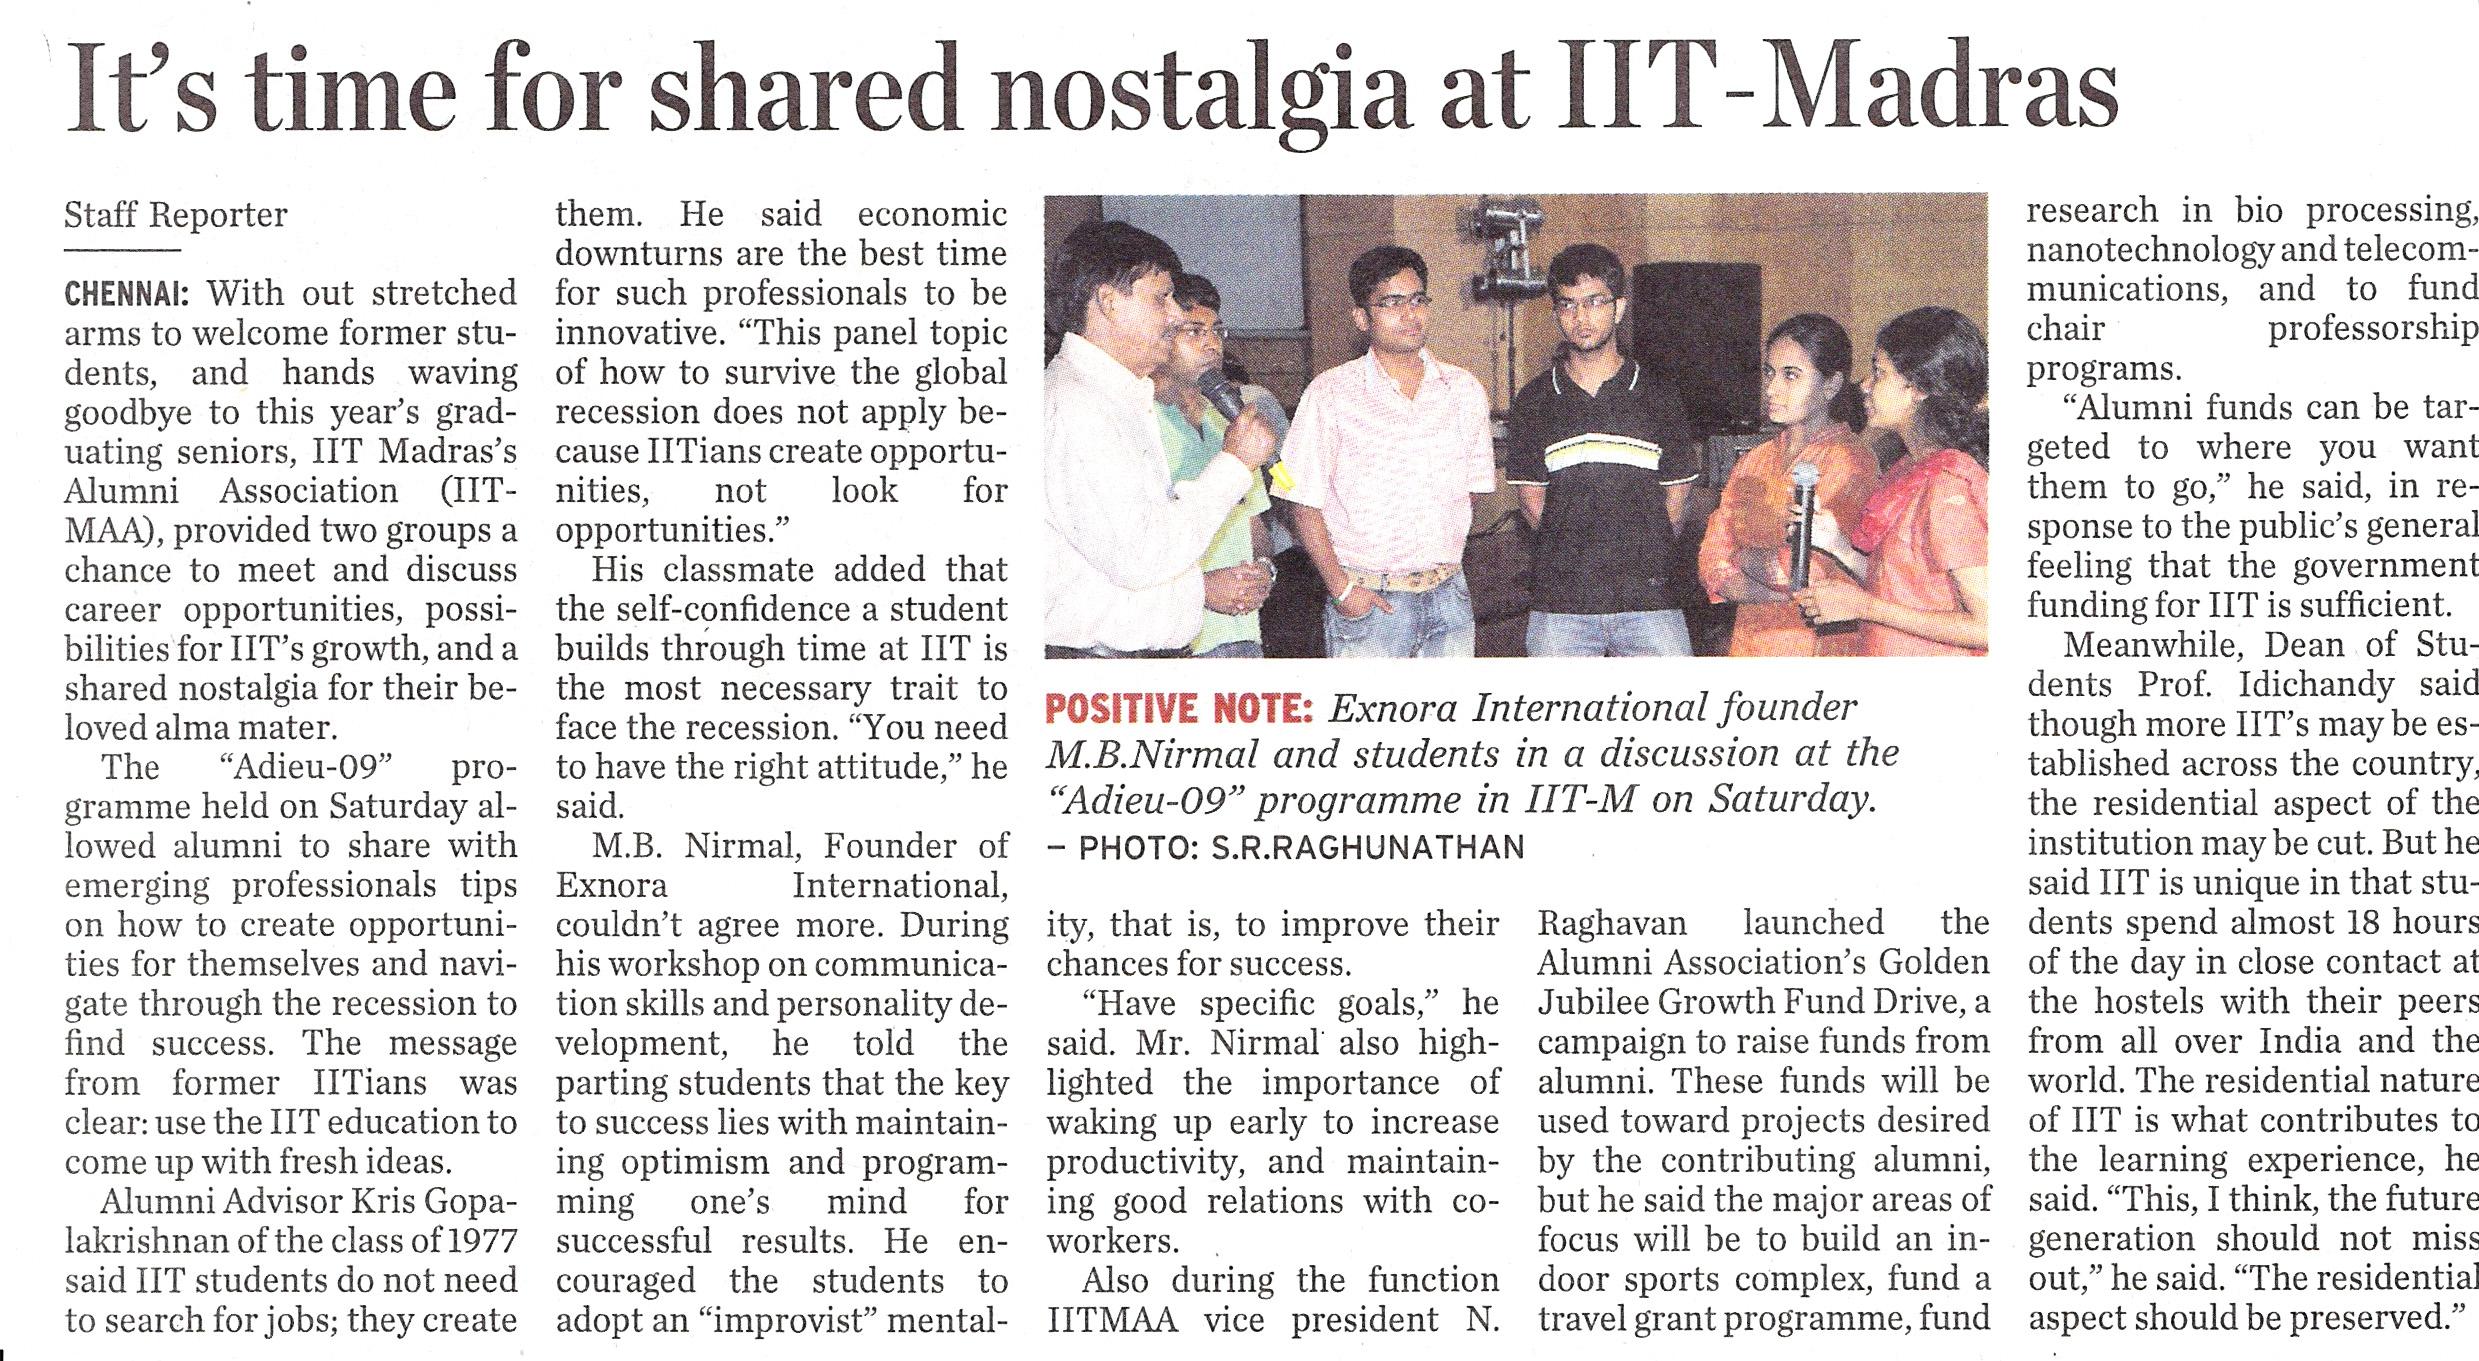 IIT Alumni